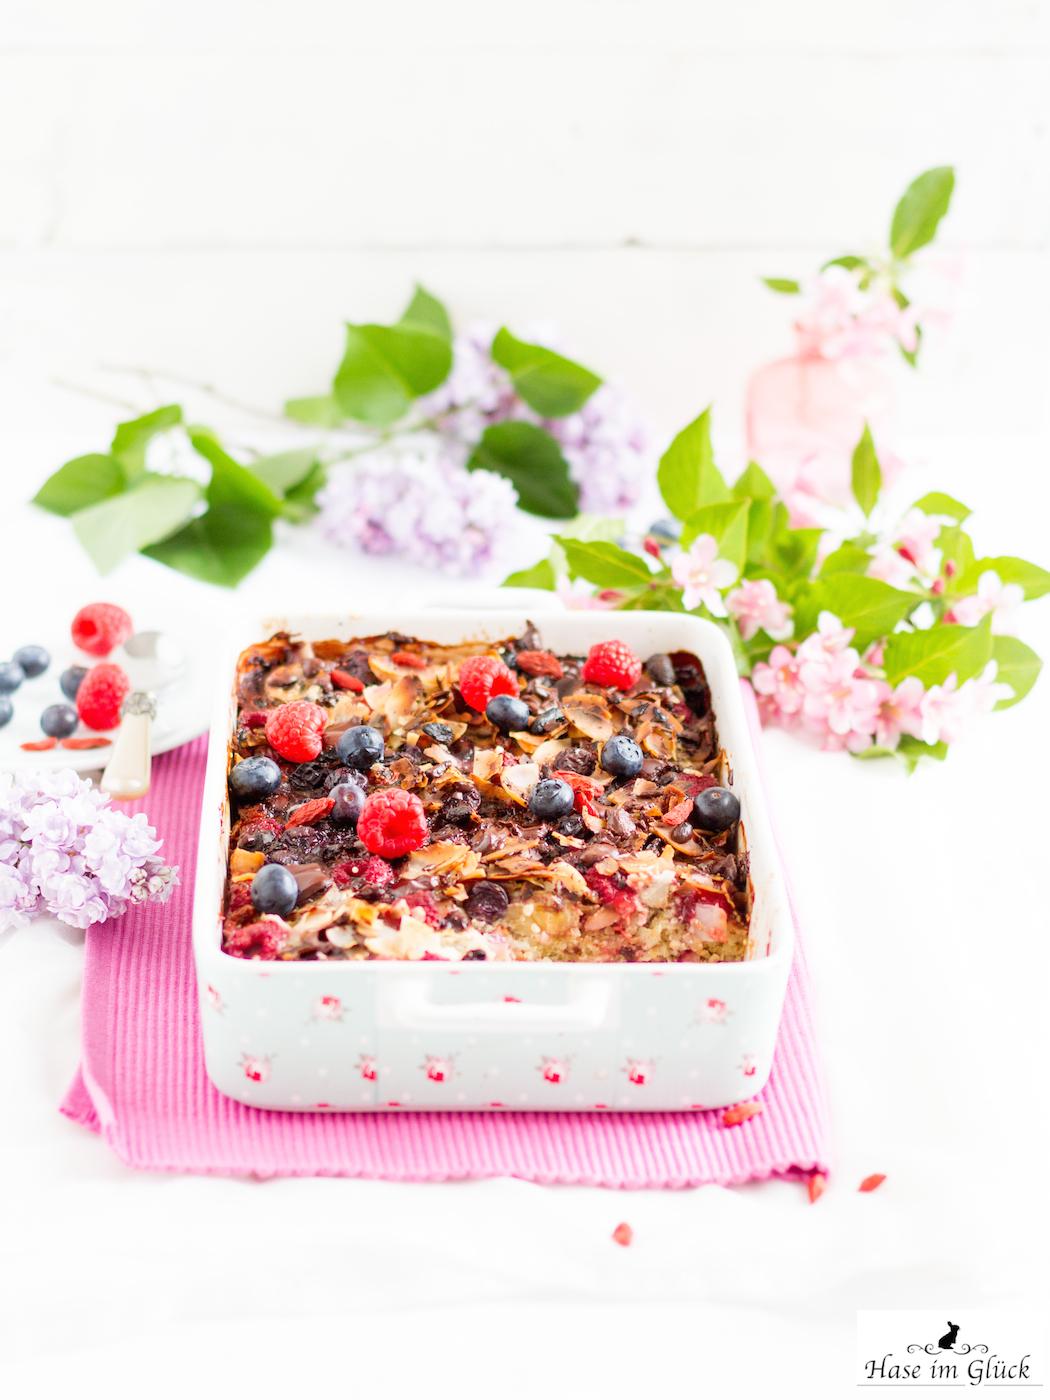 Rezept für Quinoa Auflauf mit Beeren, Bananen und vielen Superfoods zum #SuperfoodSamstag bei feiertäglich von Hase im Glück